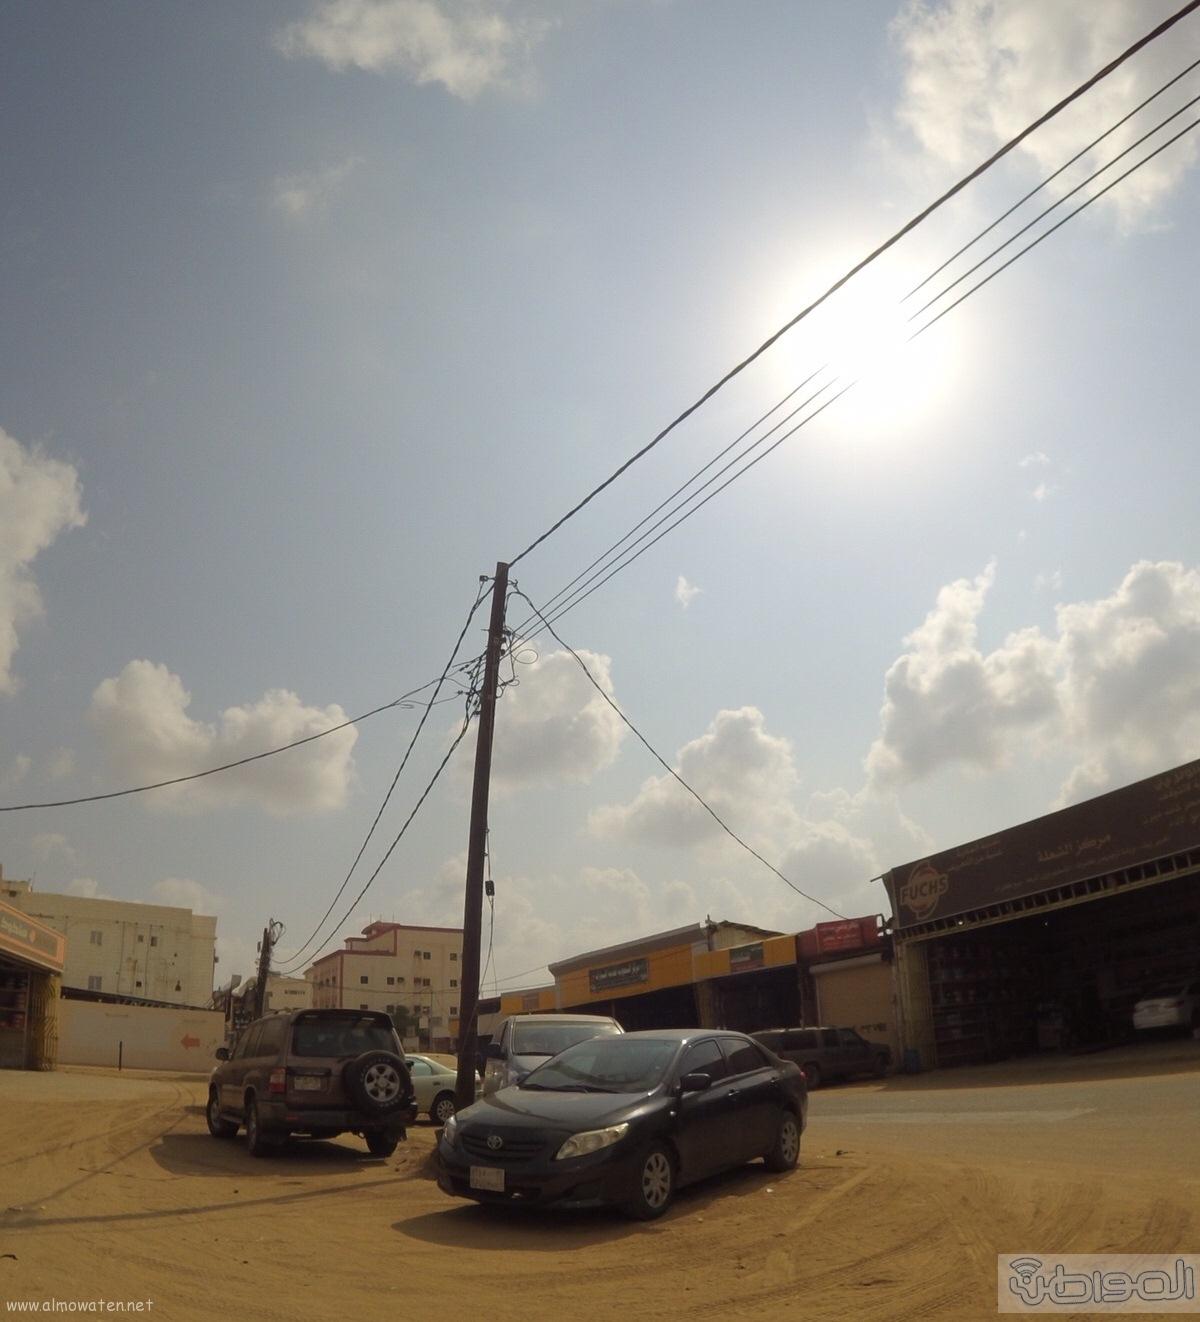 الكهرباء-تتجاهل-اعمدة-تتوسط-عدة-شوارع-بصامطة (2)